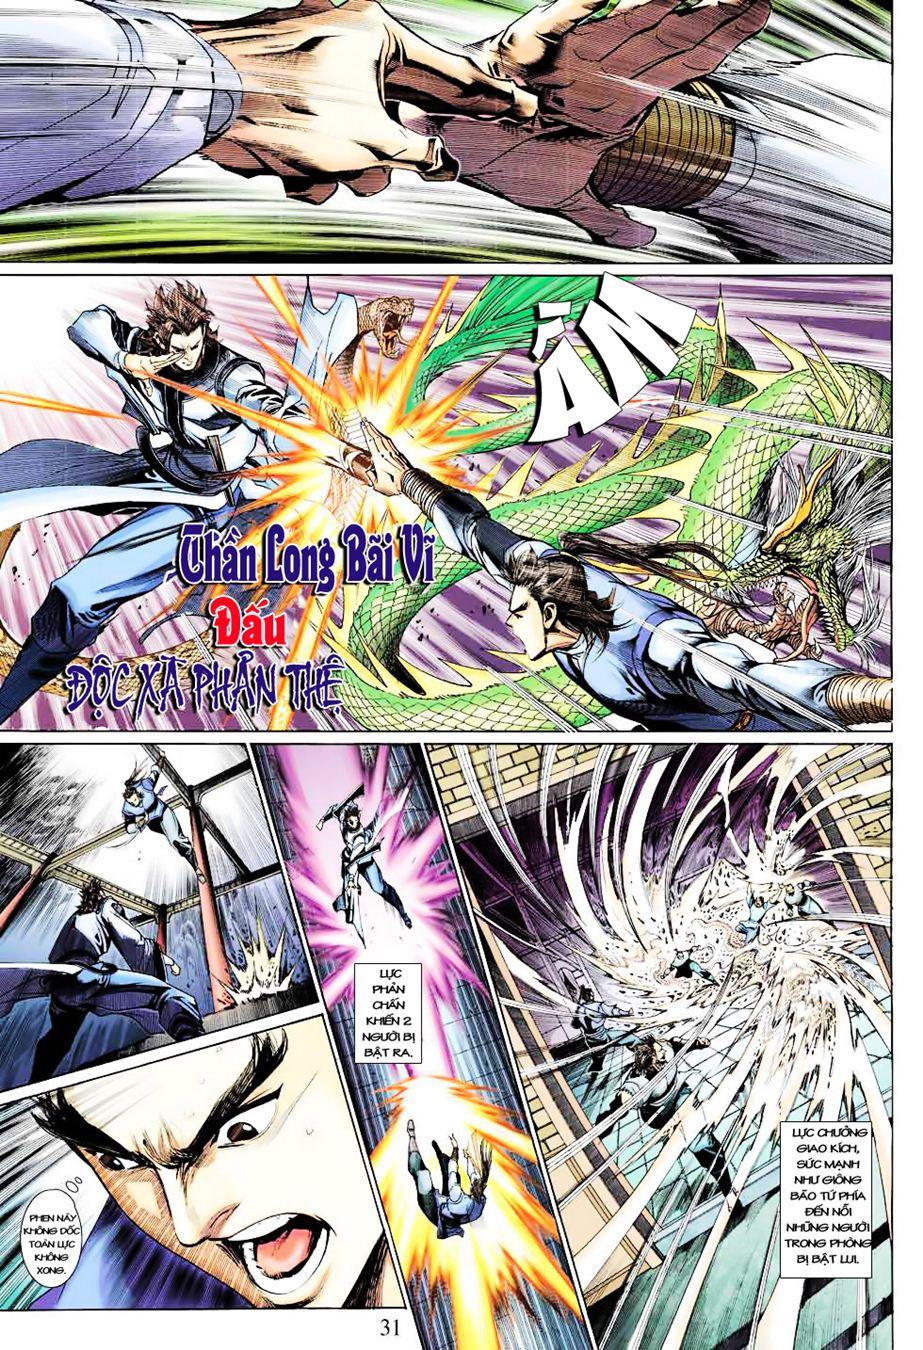 Anh Hùng Xạ Điêu anh hùng xạ đêu chap 35 trang 31